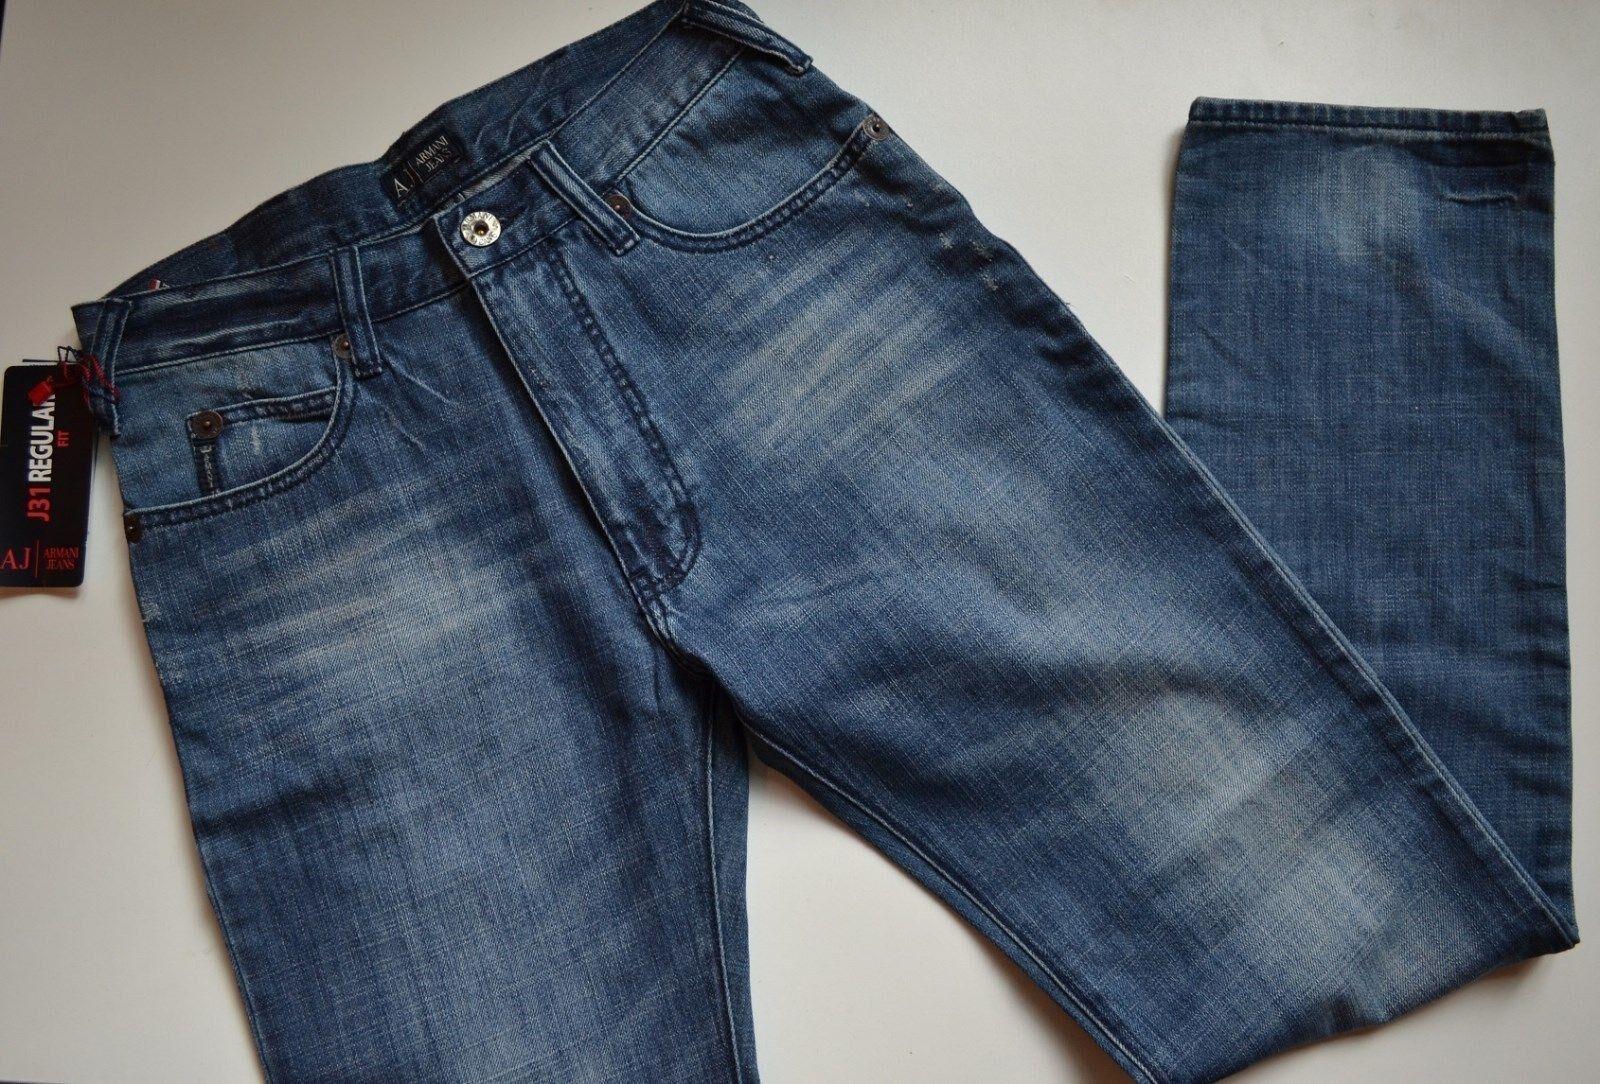 NWT Armani Jeans J31 Regular Fit Distressed Stonewash Jeans 30W 33.5L